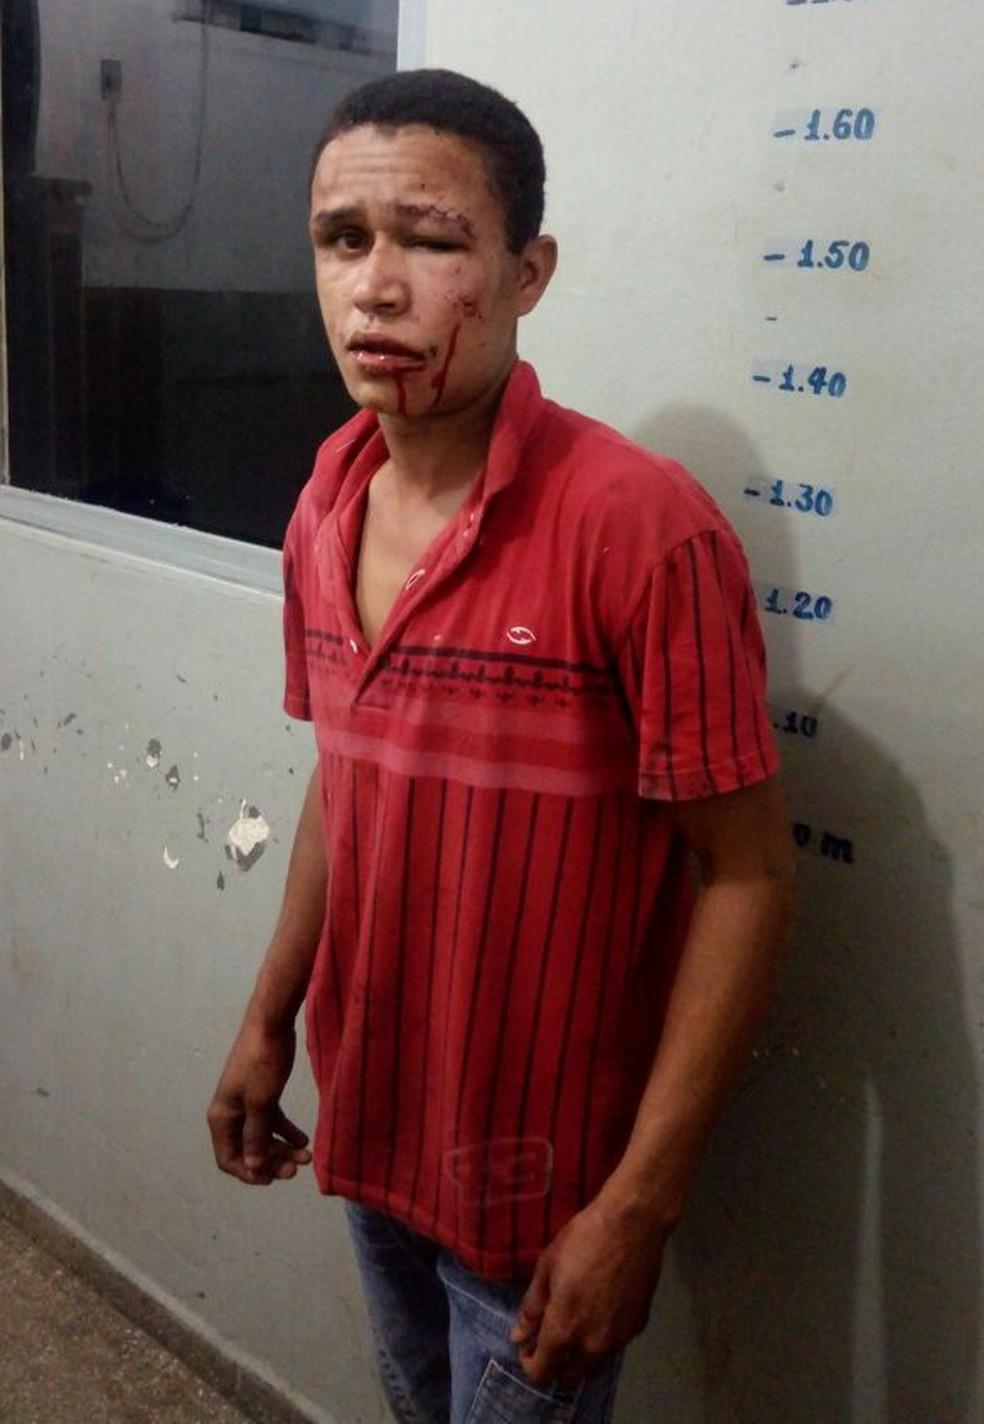 Damião de Jesus Marques foi agredido por mulher ao tentar estuprá-la em Rondonópolis; ele disse à polícia que estava embriagado (Foto: Arquivo pessoal)